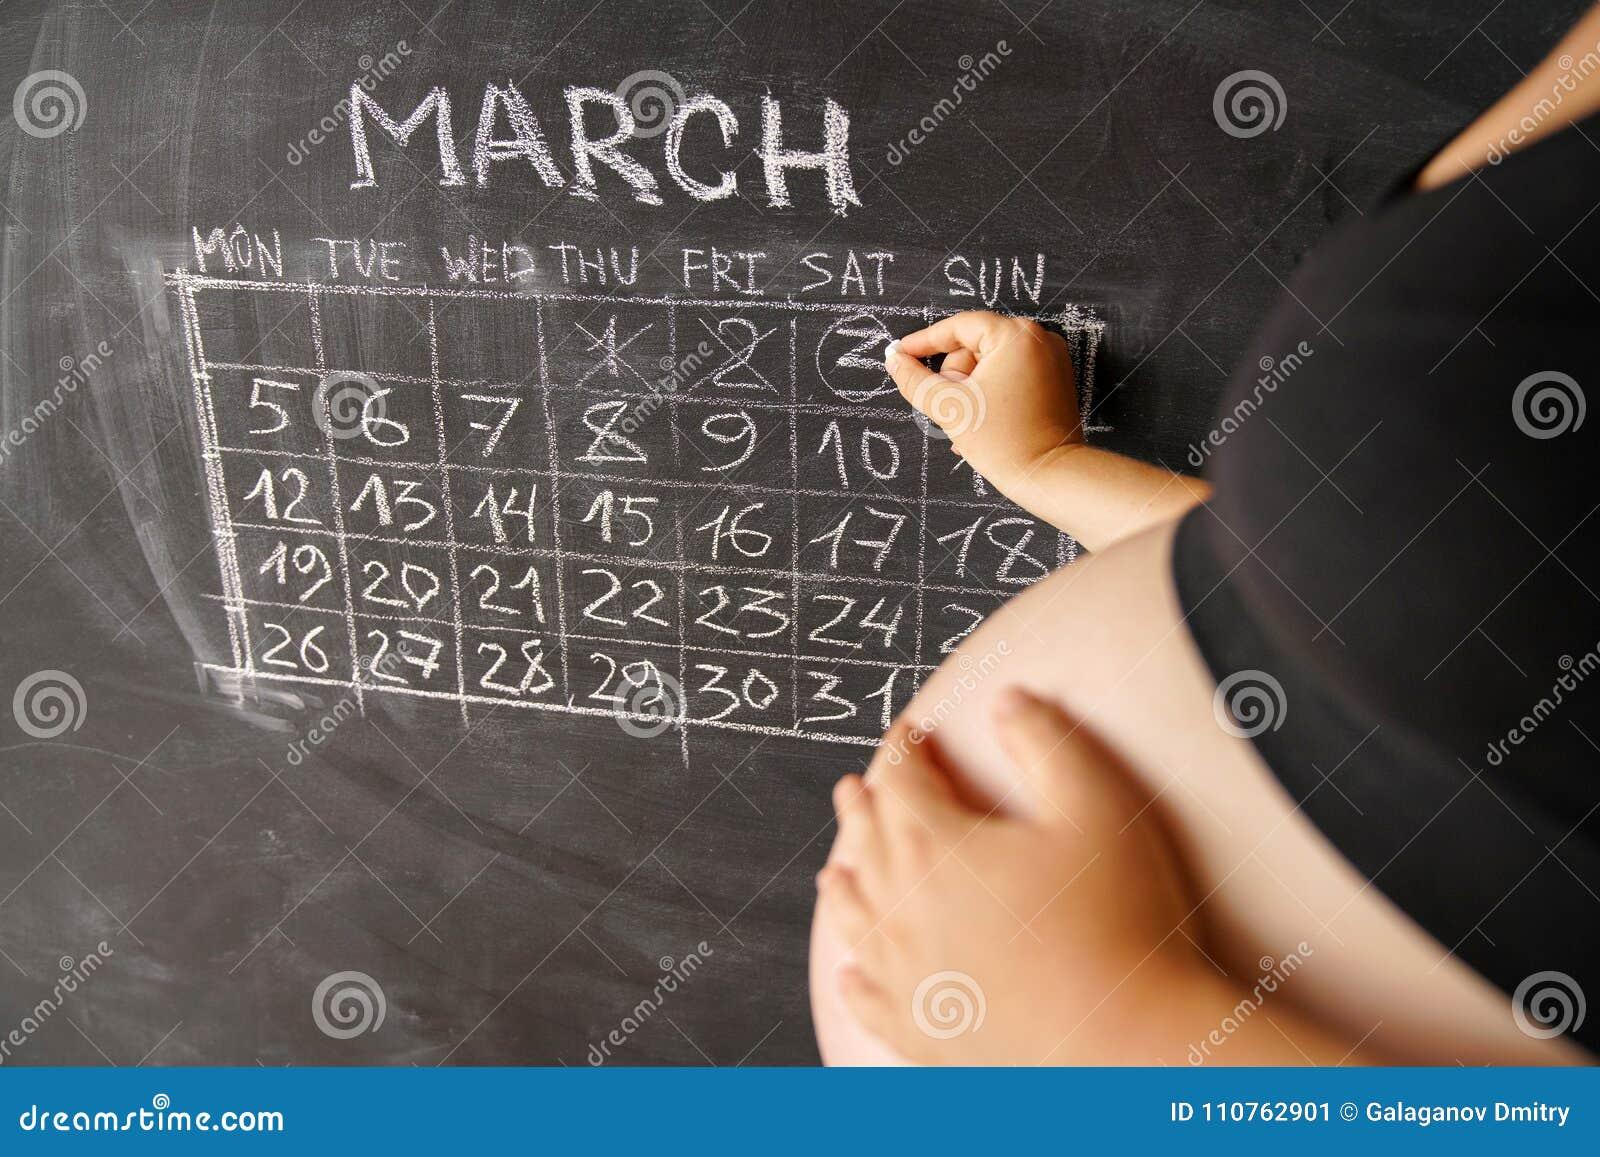 Kalendarz kobieta w ciąży miesiąca Marzec odliczający dni z kalendarzem dla narodziny dziecko na chalkboard przeciw jako tła popa